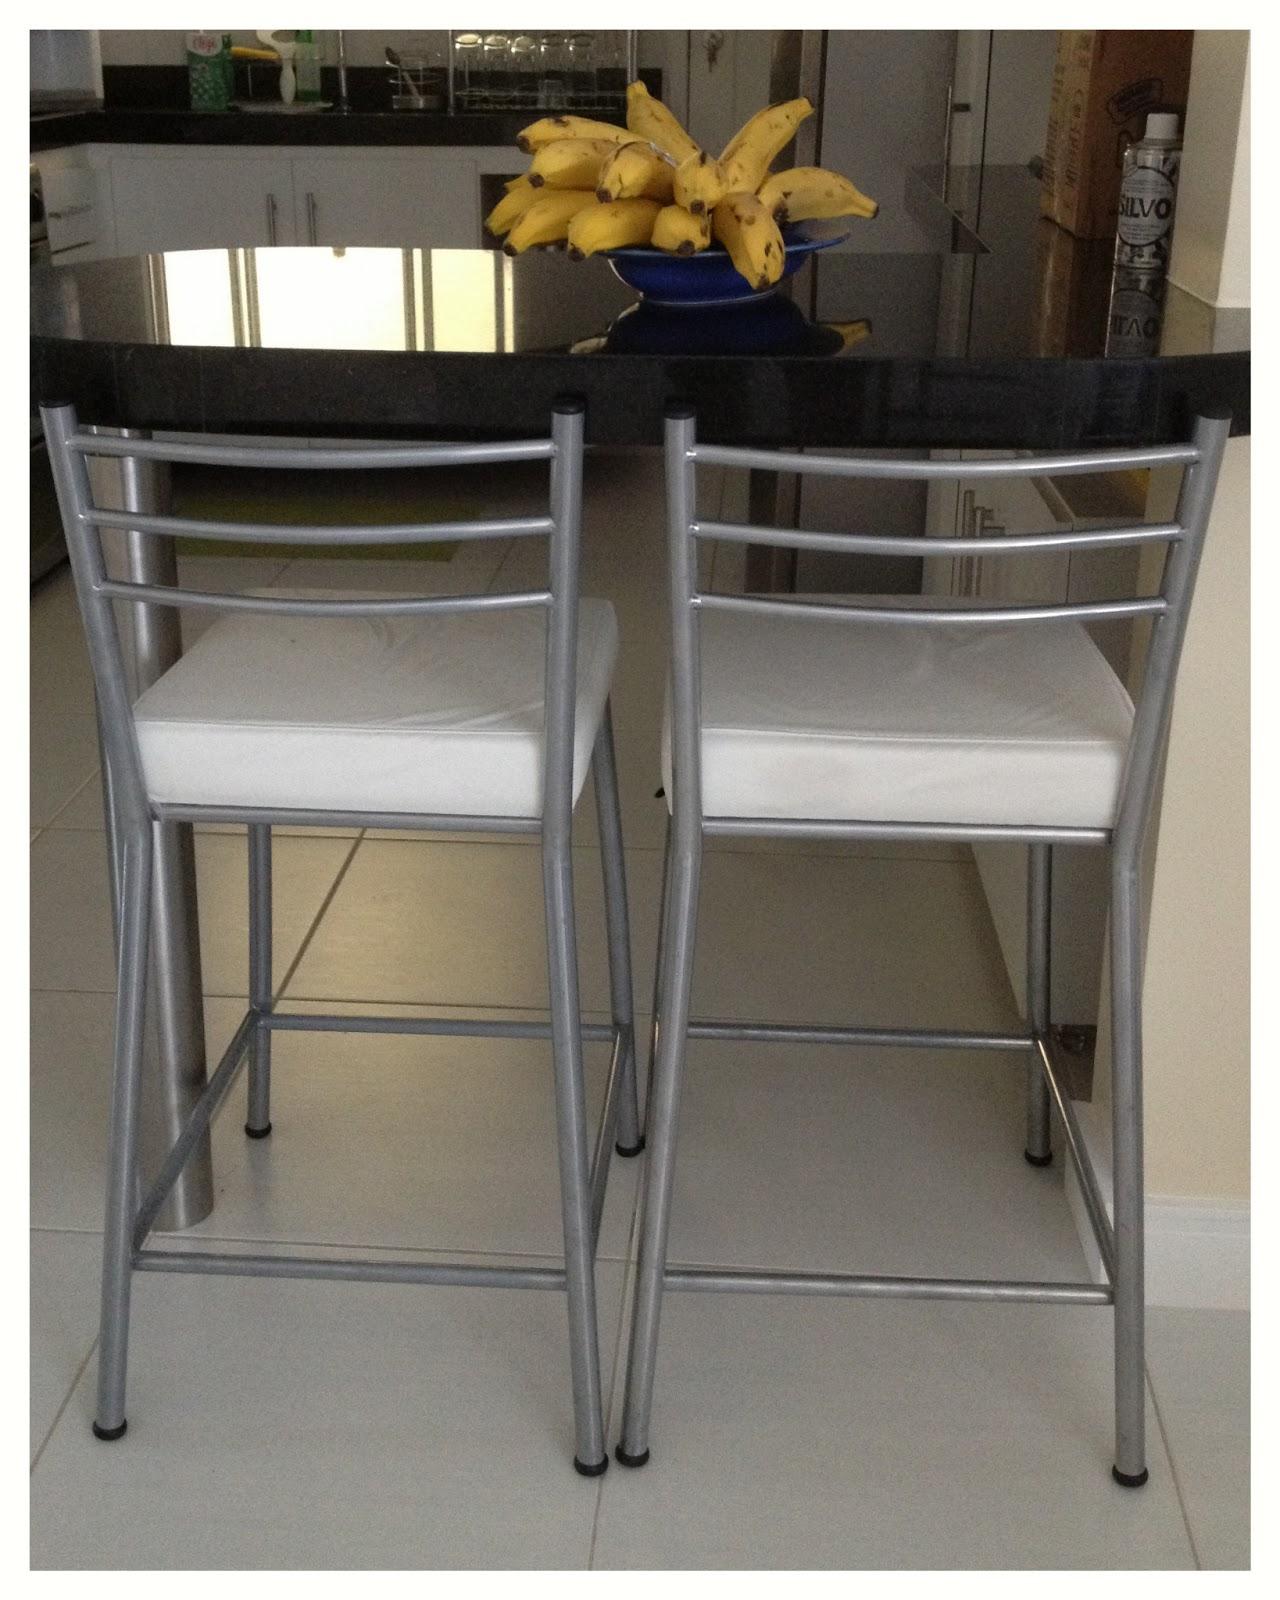 Reformando pra MoRar: Cadeiras banco para mesa balcão  #997932 1280x1600